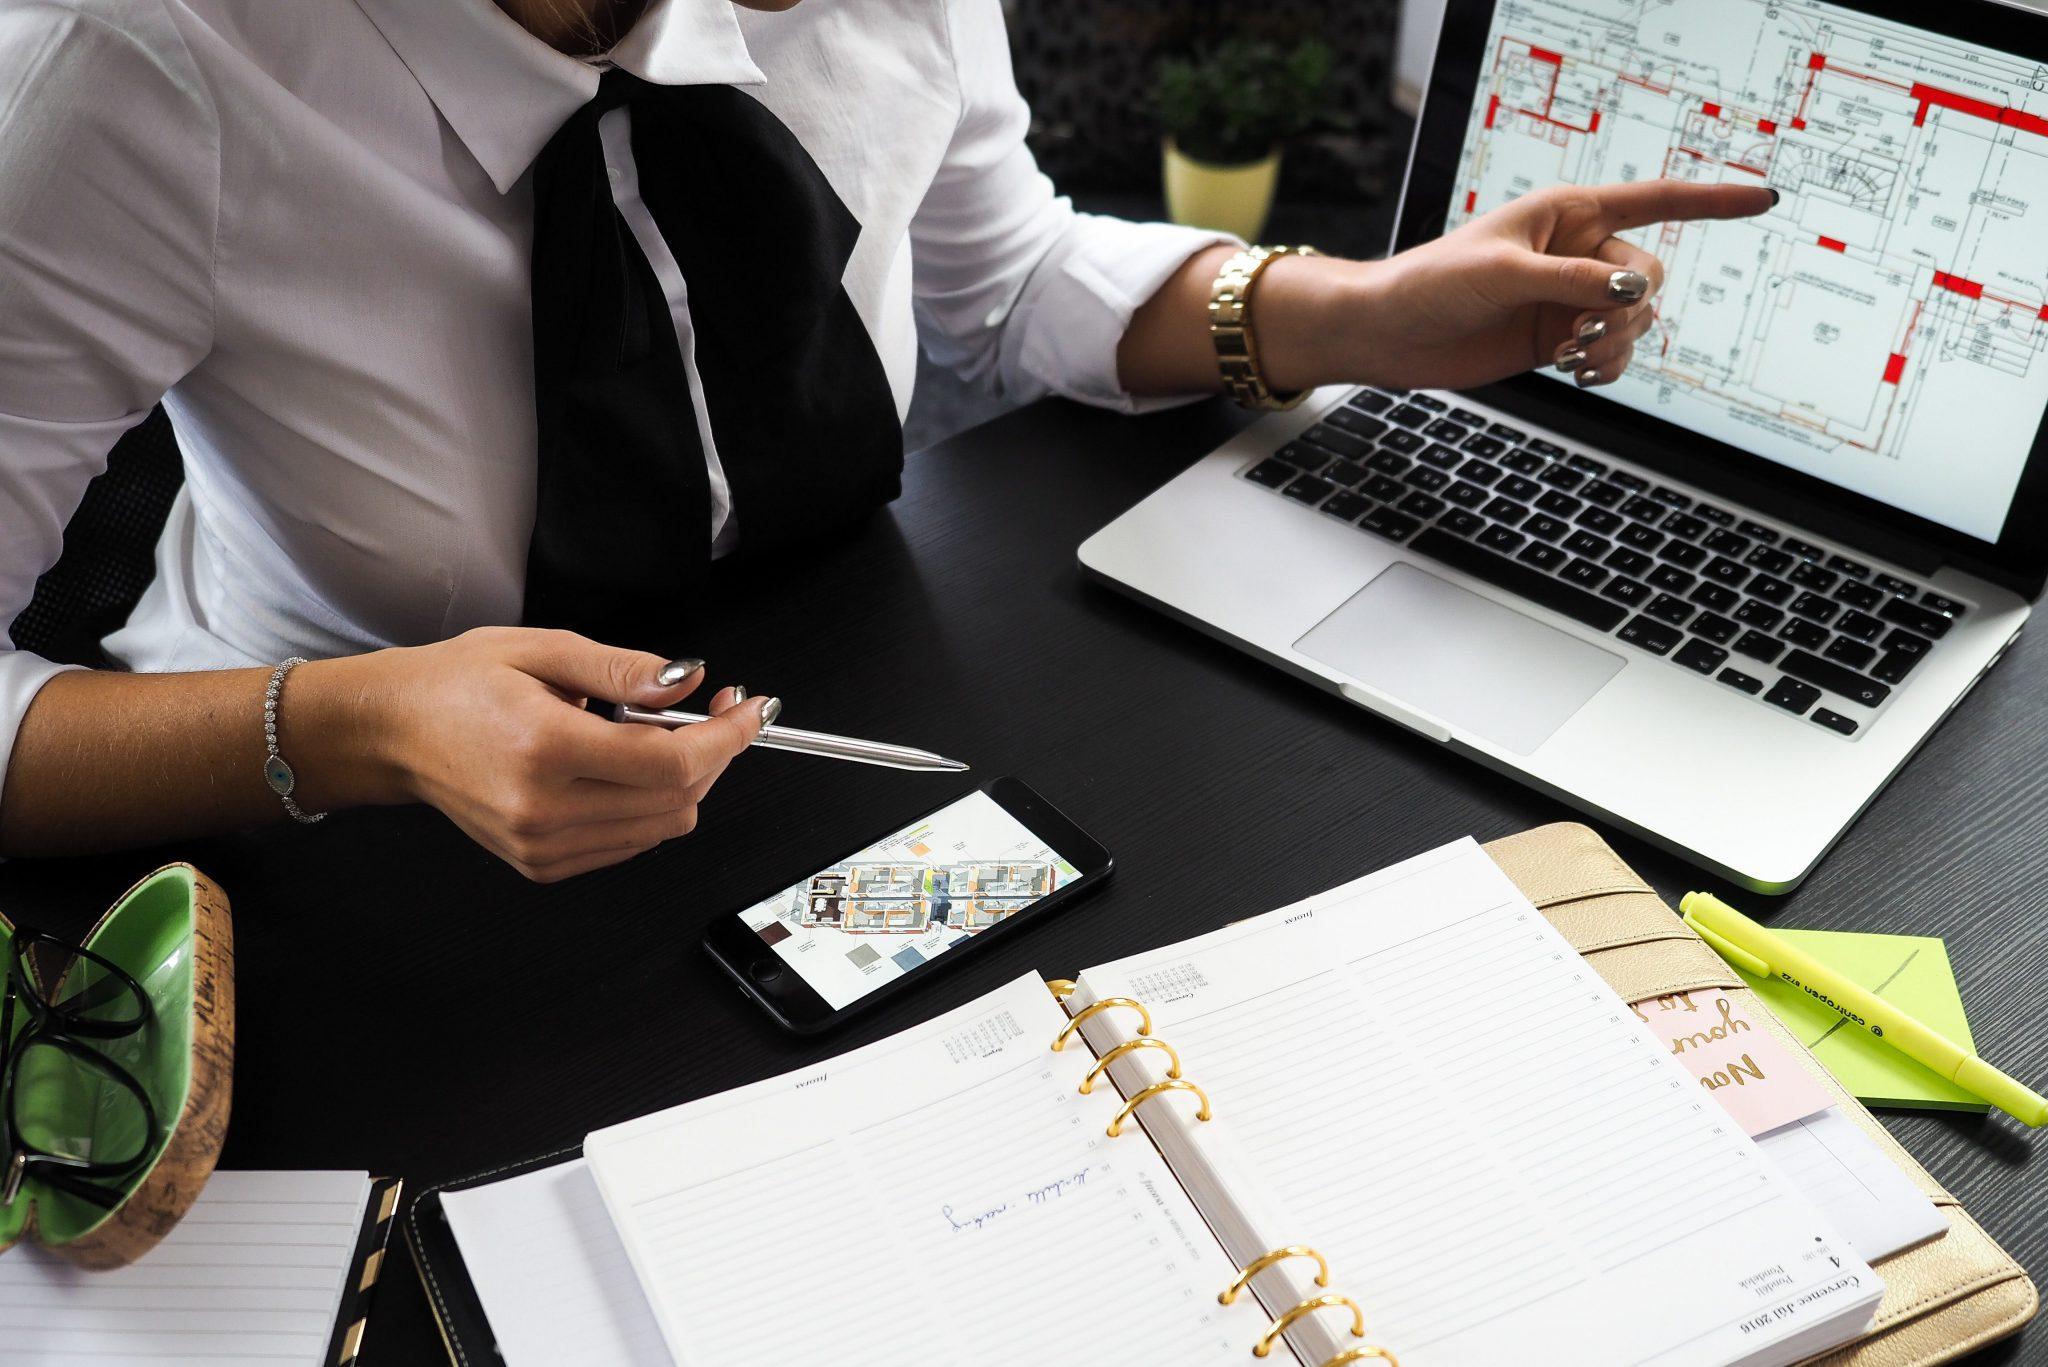 不動産の業界研究が難しい?そんな就活生に専門家がやさしく解説